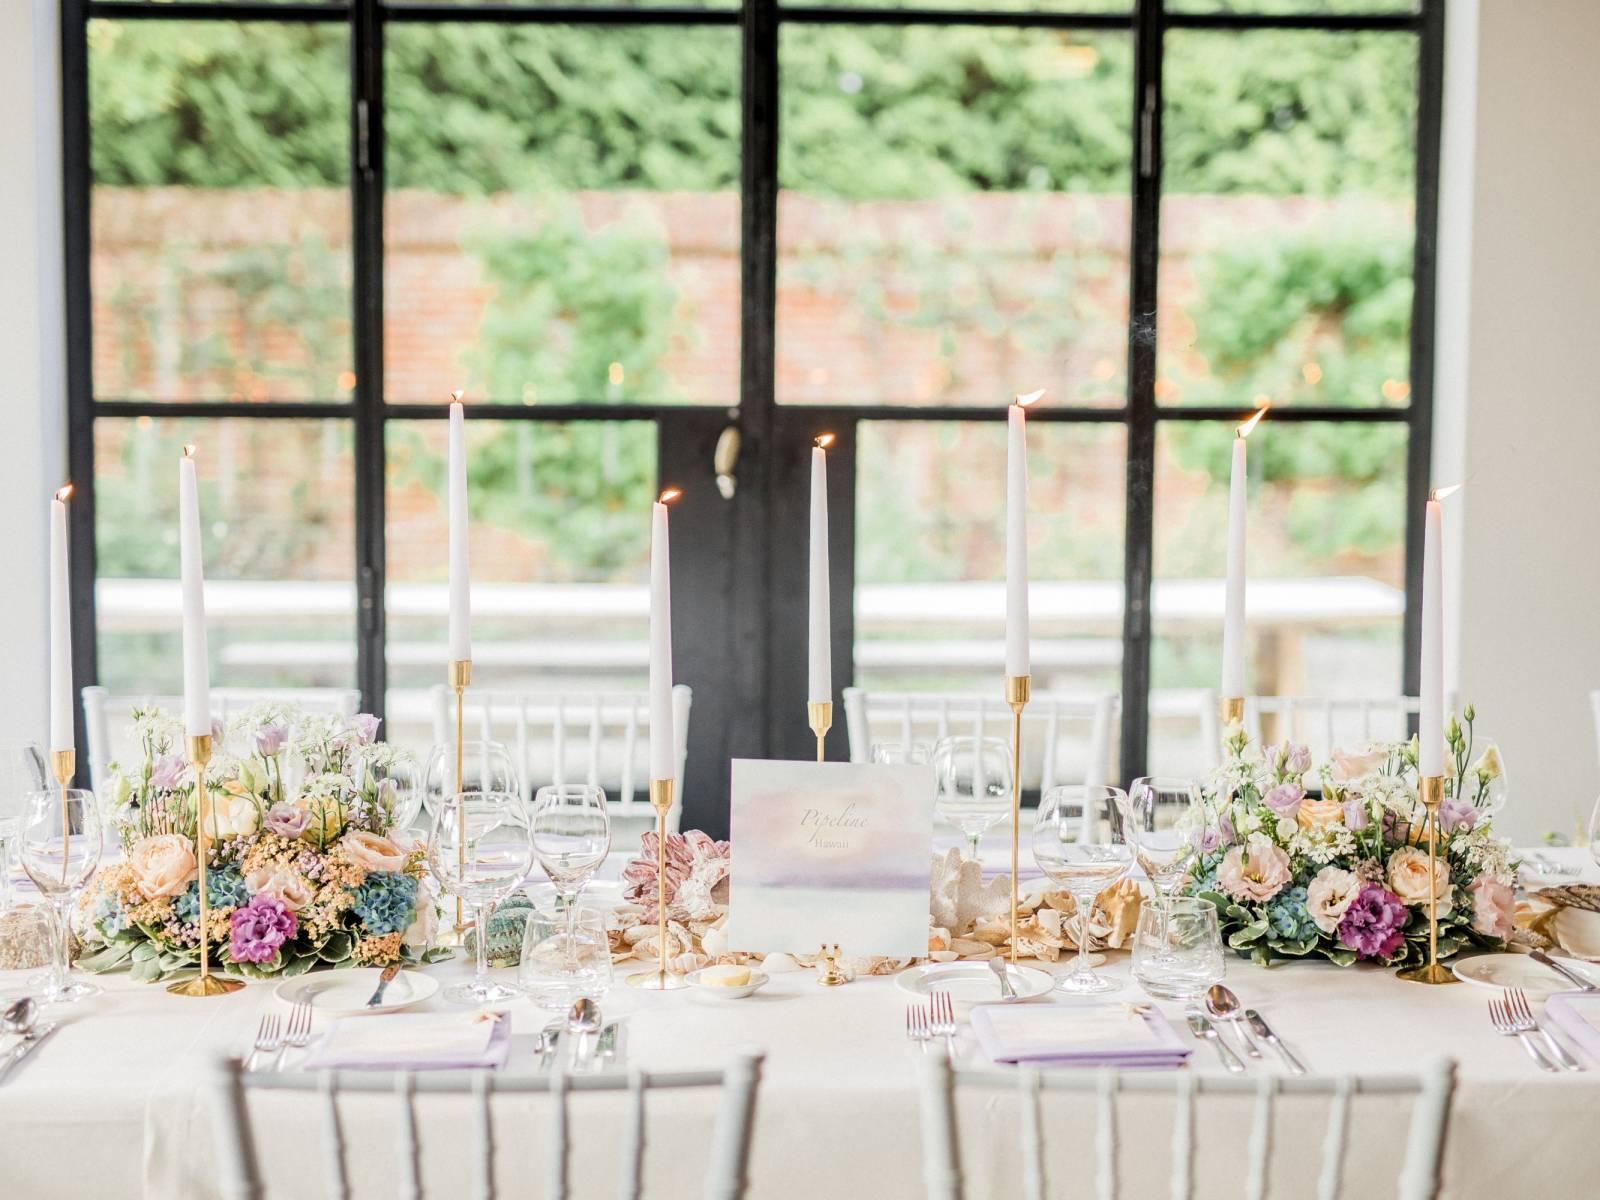 Alle Gebeure - wedding planner - fotograaf Elisabeth Van Lent - House of Weddings (16)